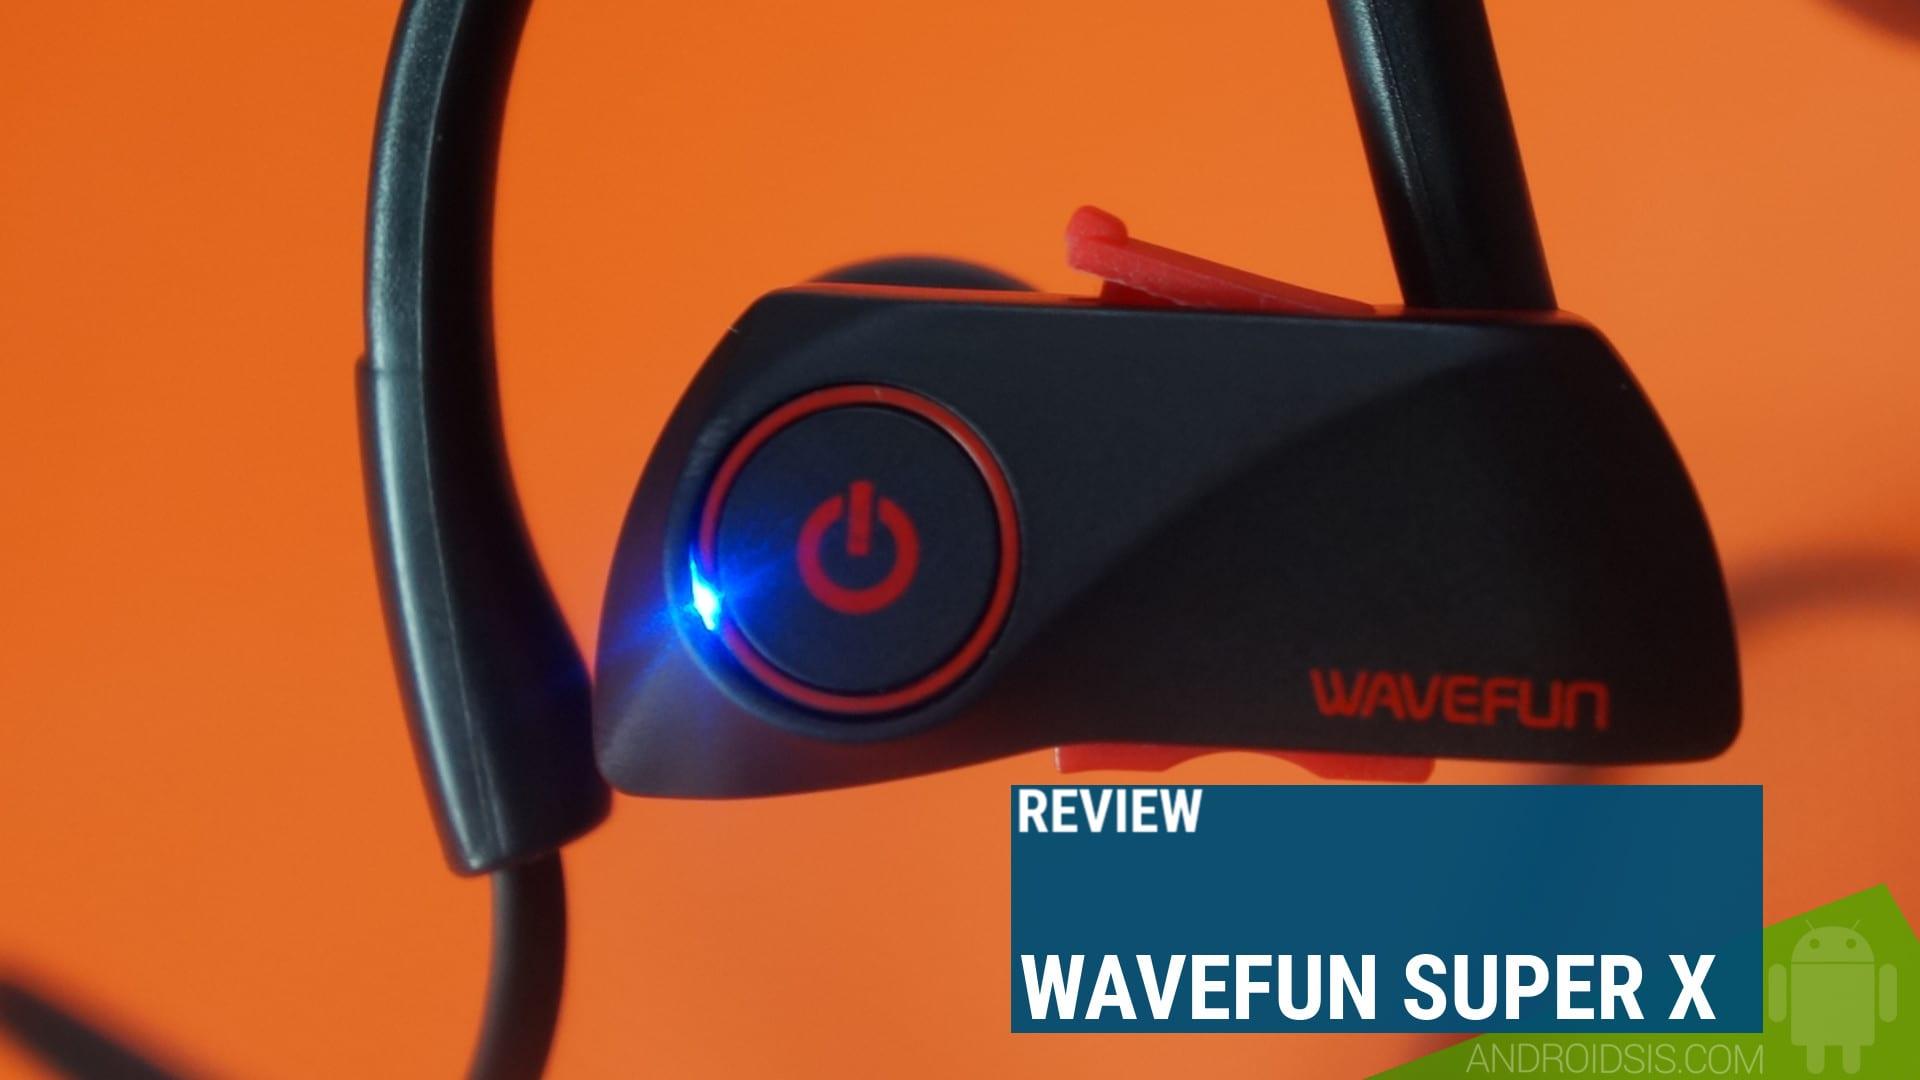 Wavefun Super X